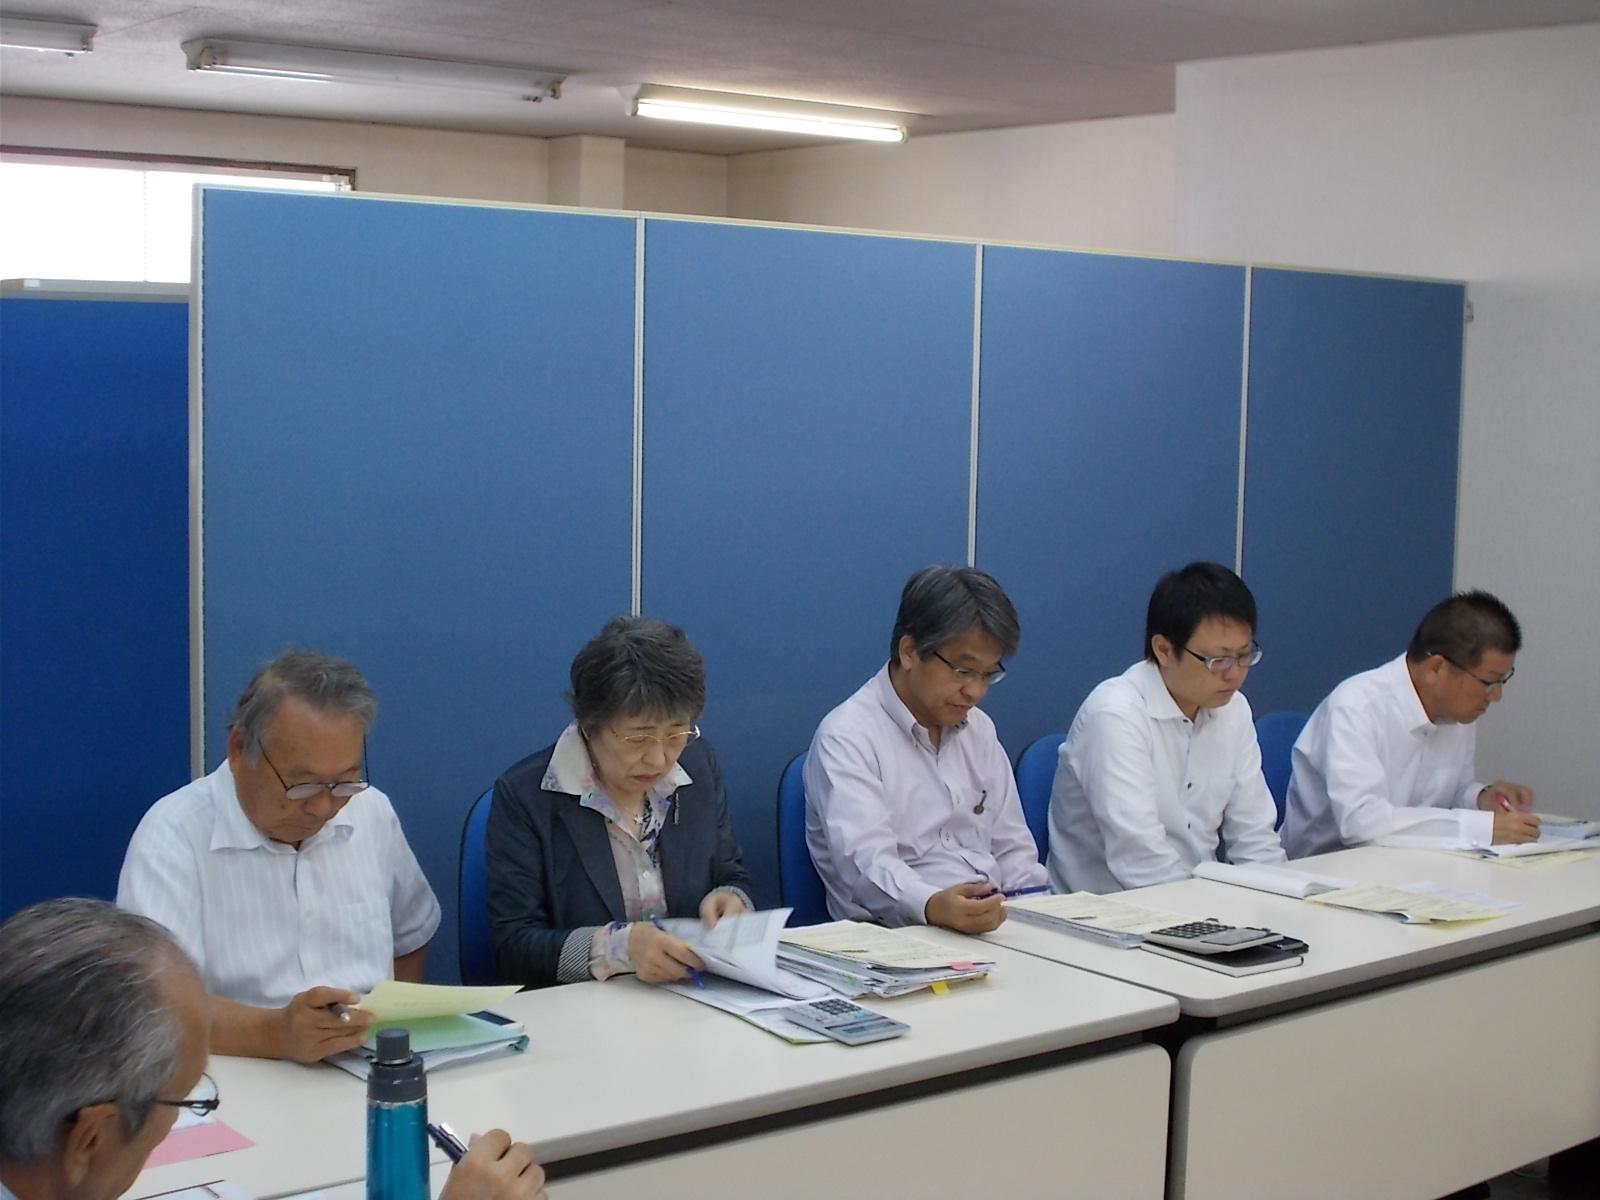 安全衛生委員会.JPG